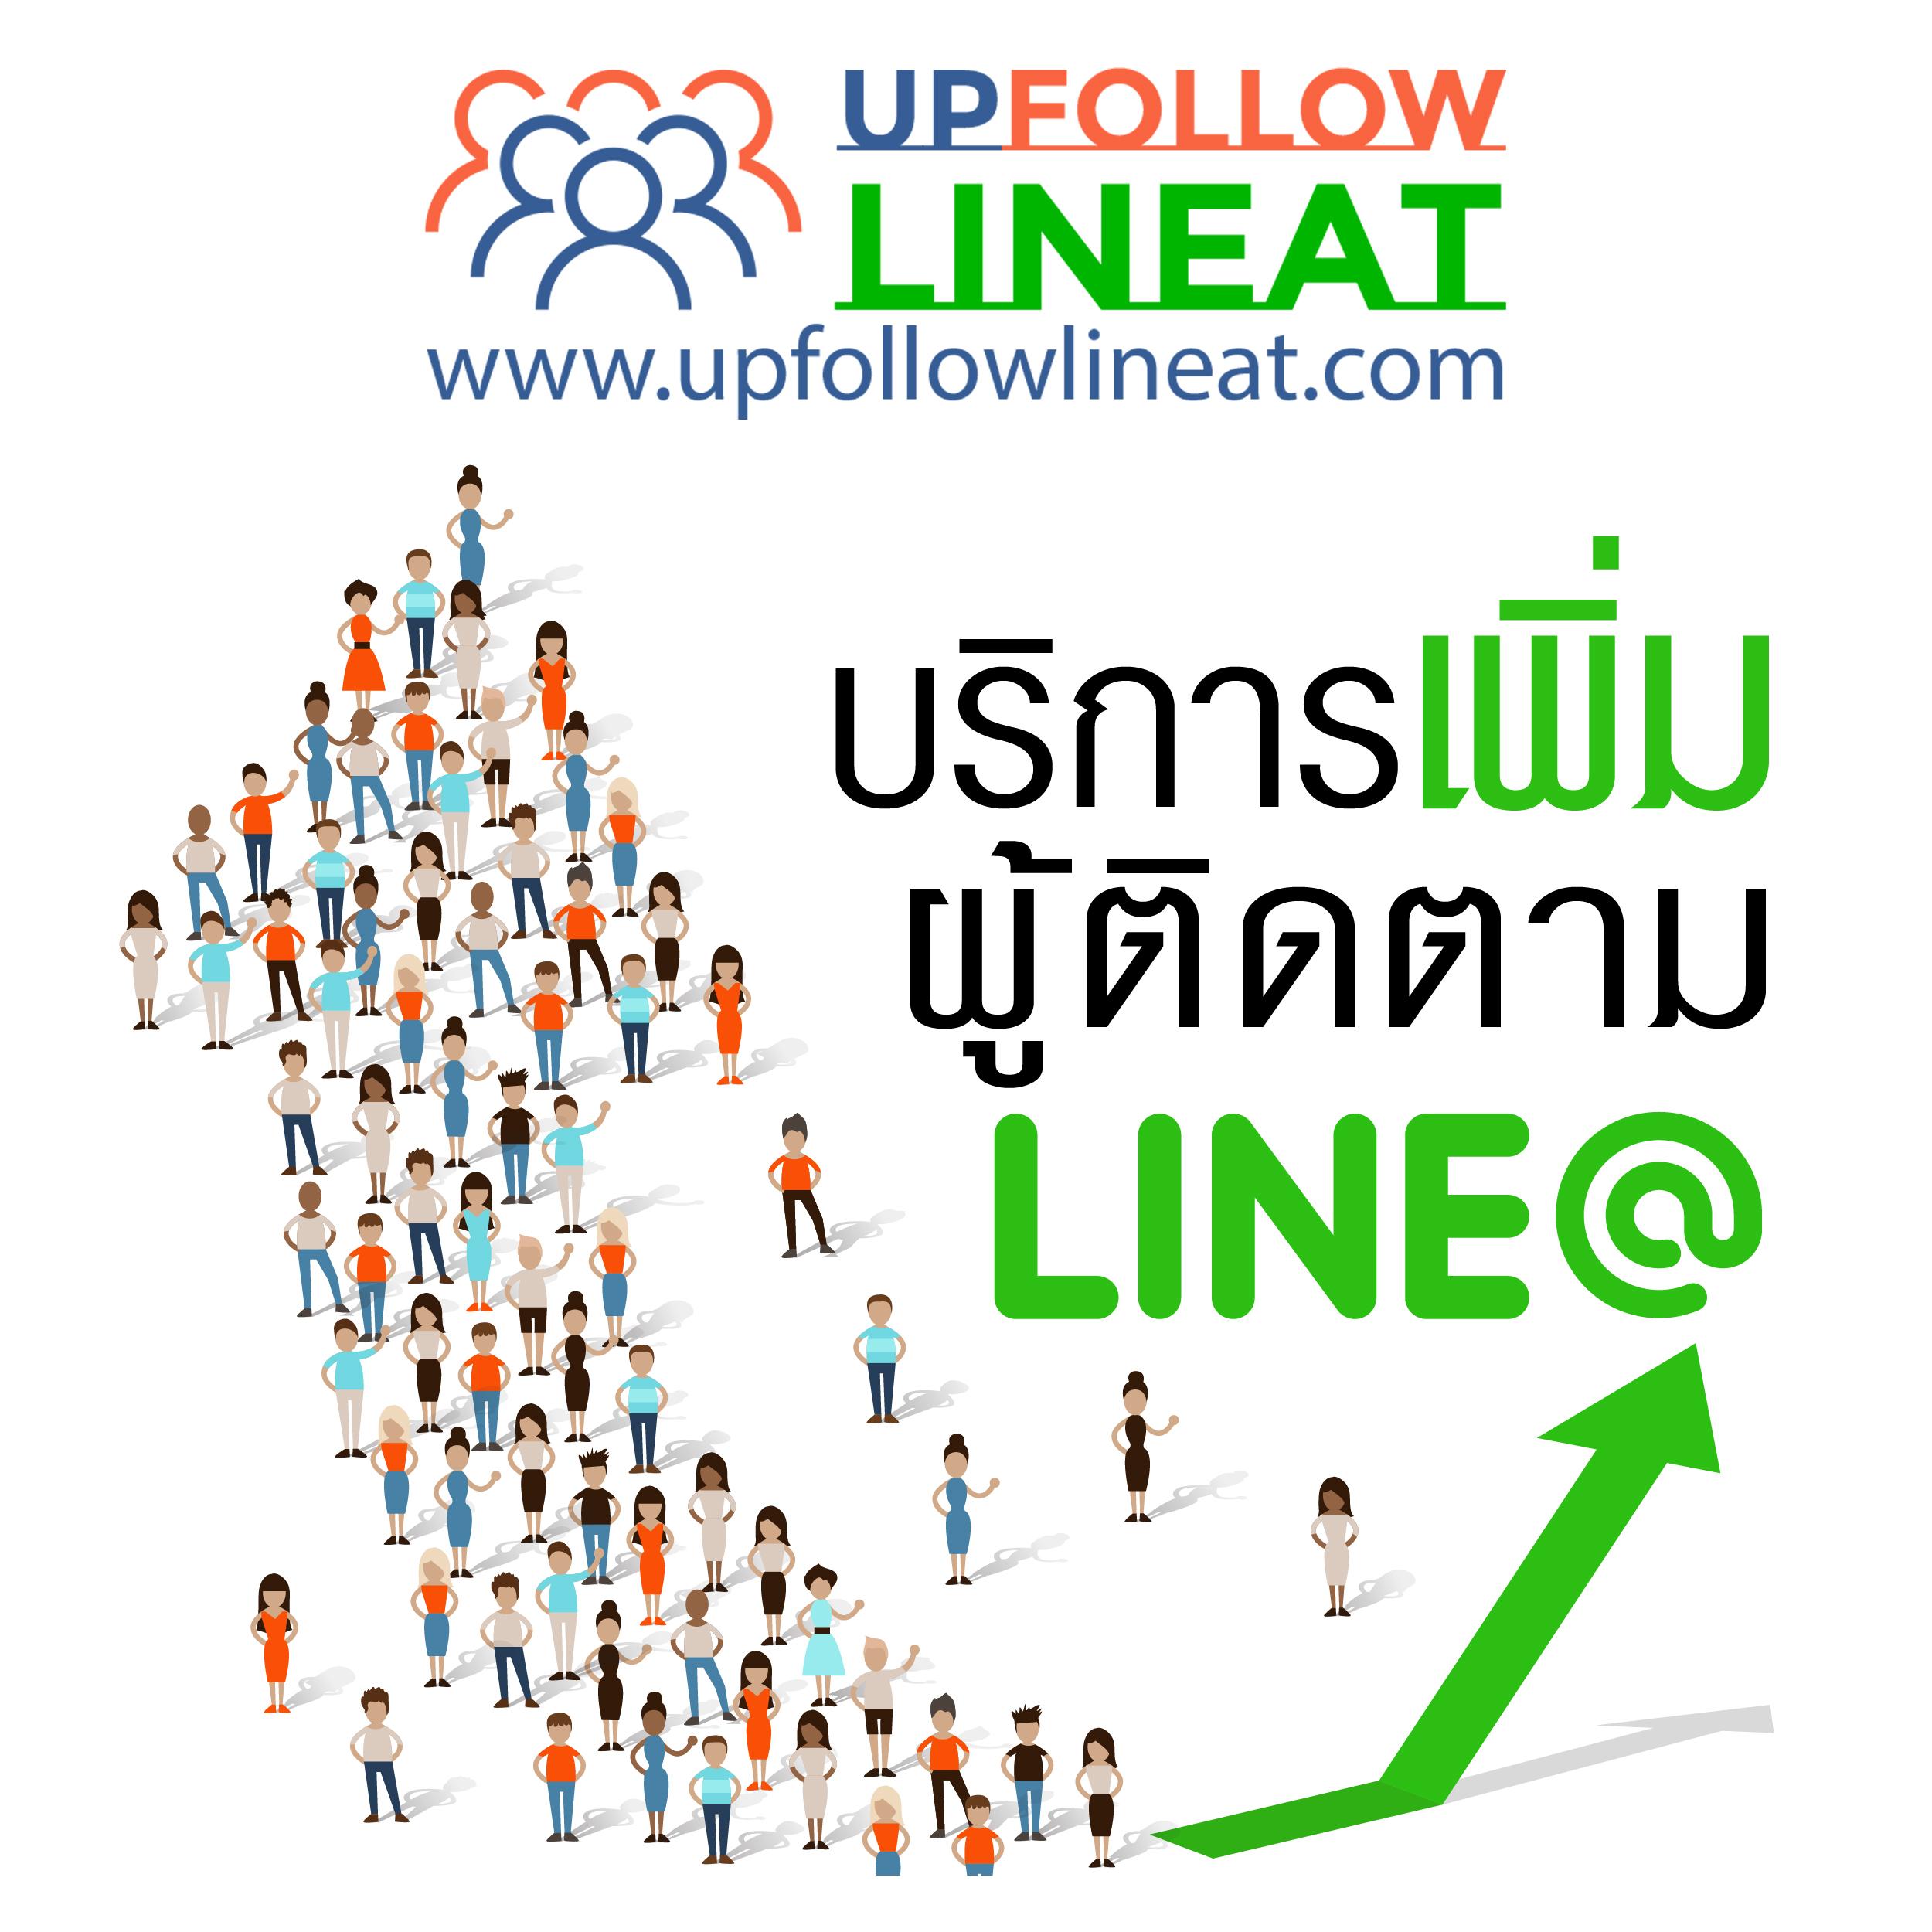 บริการเพิ่มผู้ติดตามบัญชี Line@